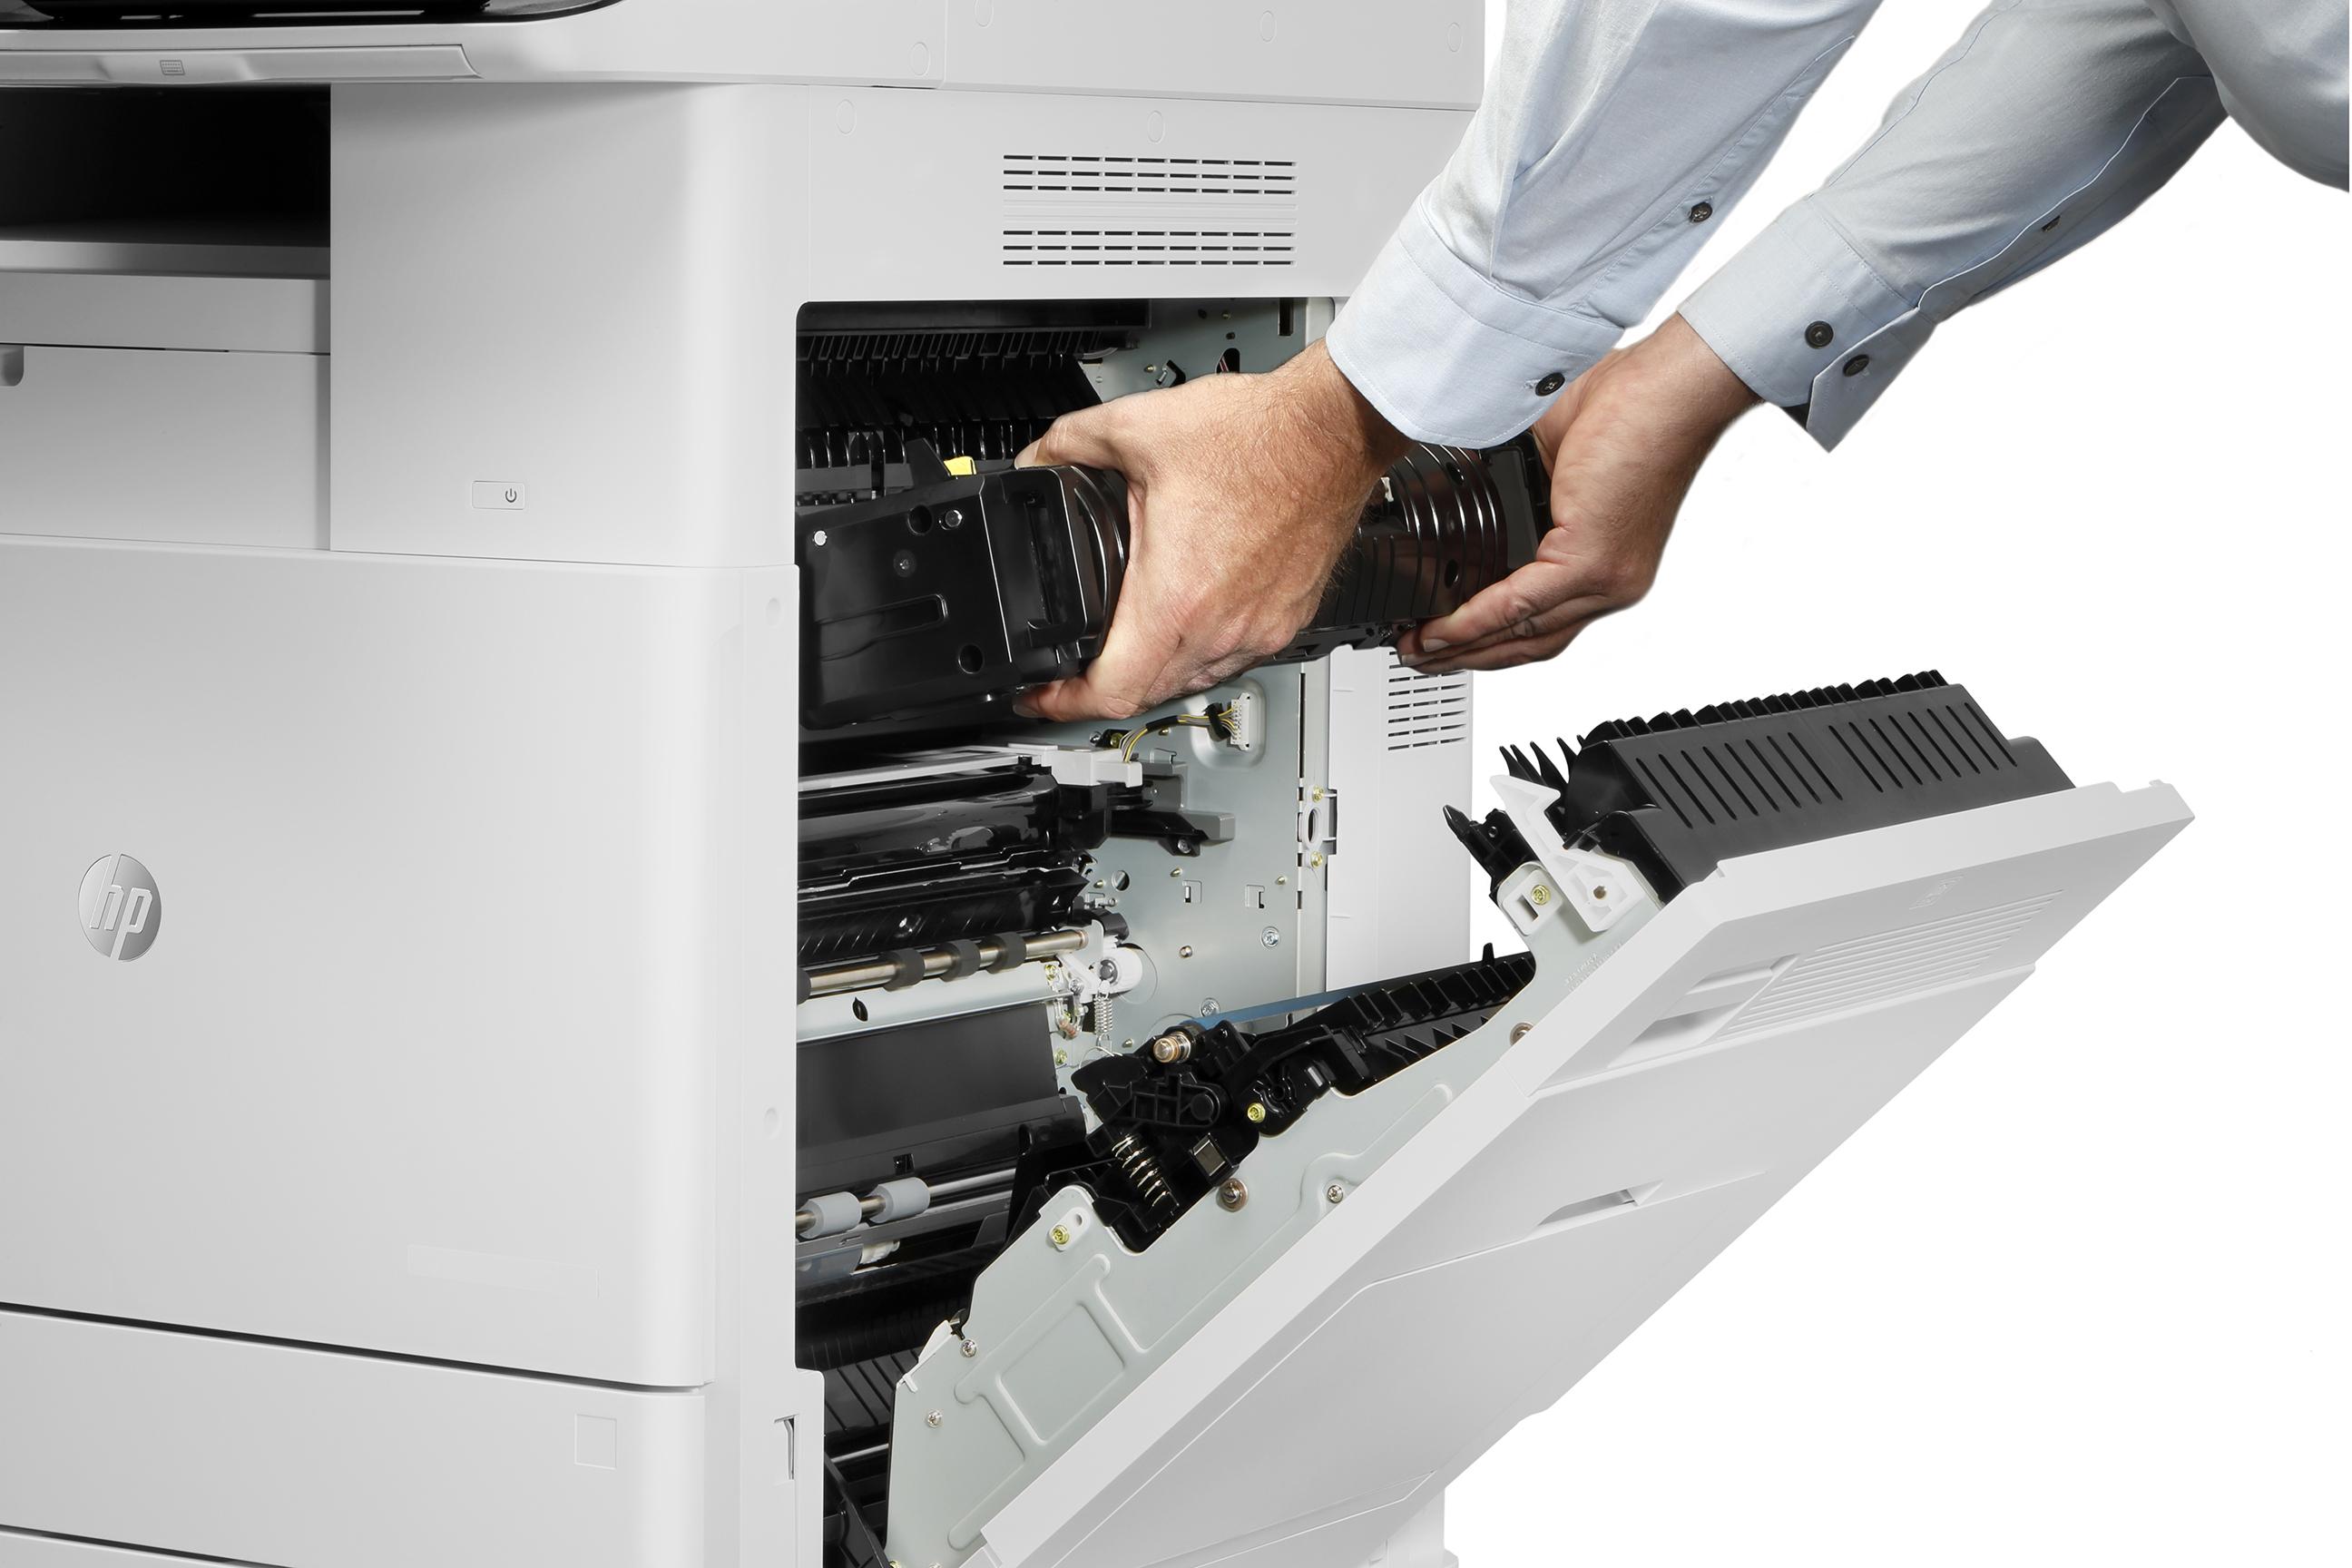 printing HP multifunzione A3 fotocopiatrici